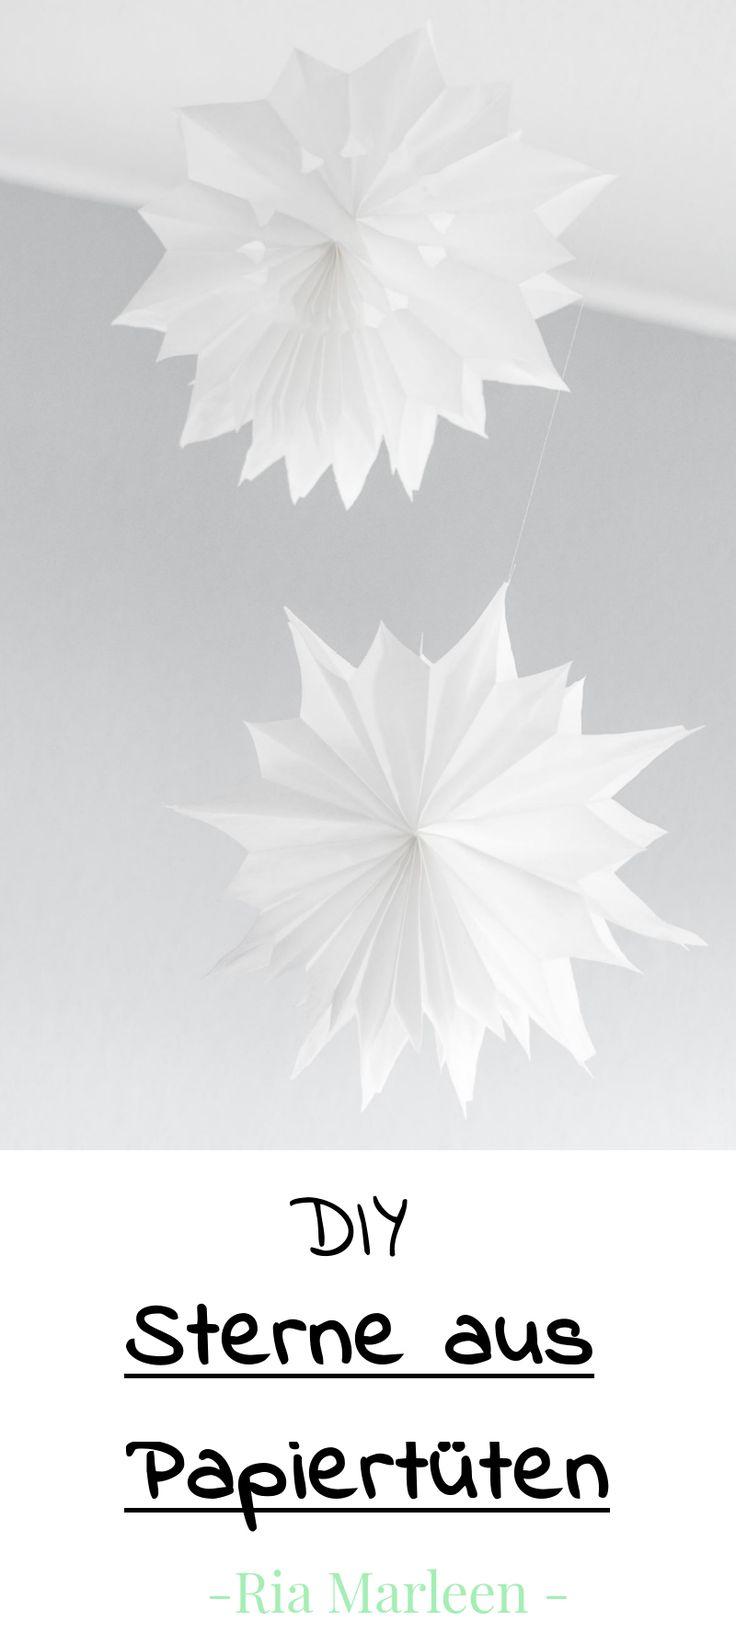 DIY Deko Sterne aus Papiertüten basteln - einfache DIY Anleitung für Weihnachten... DIY Papier, einfach, kreativ, Sterne, Selbermachen, Tutorial